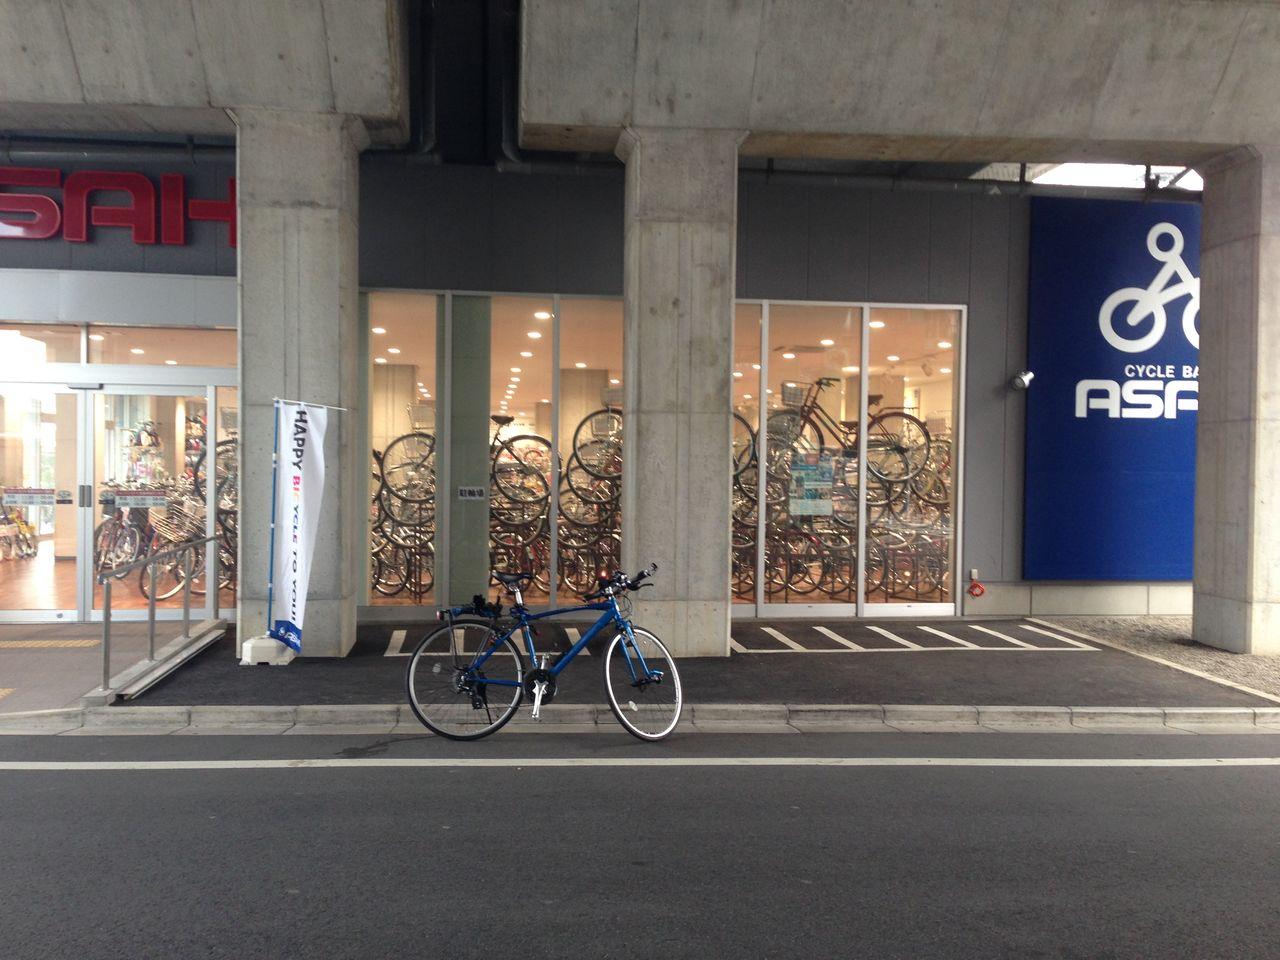 ... 月 : アルミのロバ 自転車記録